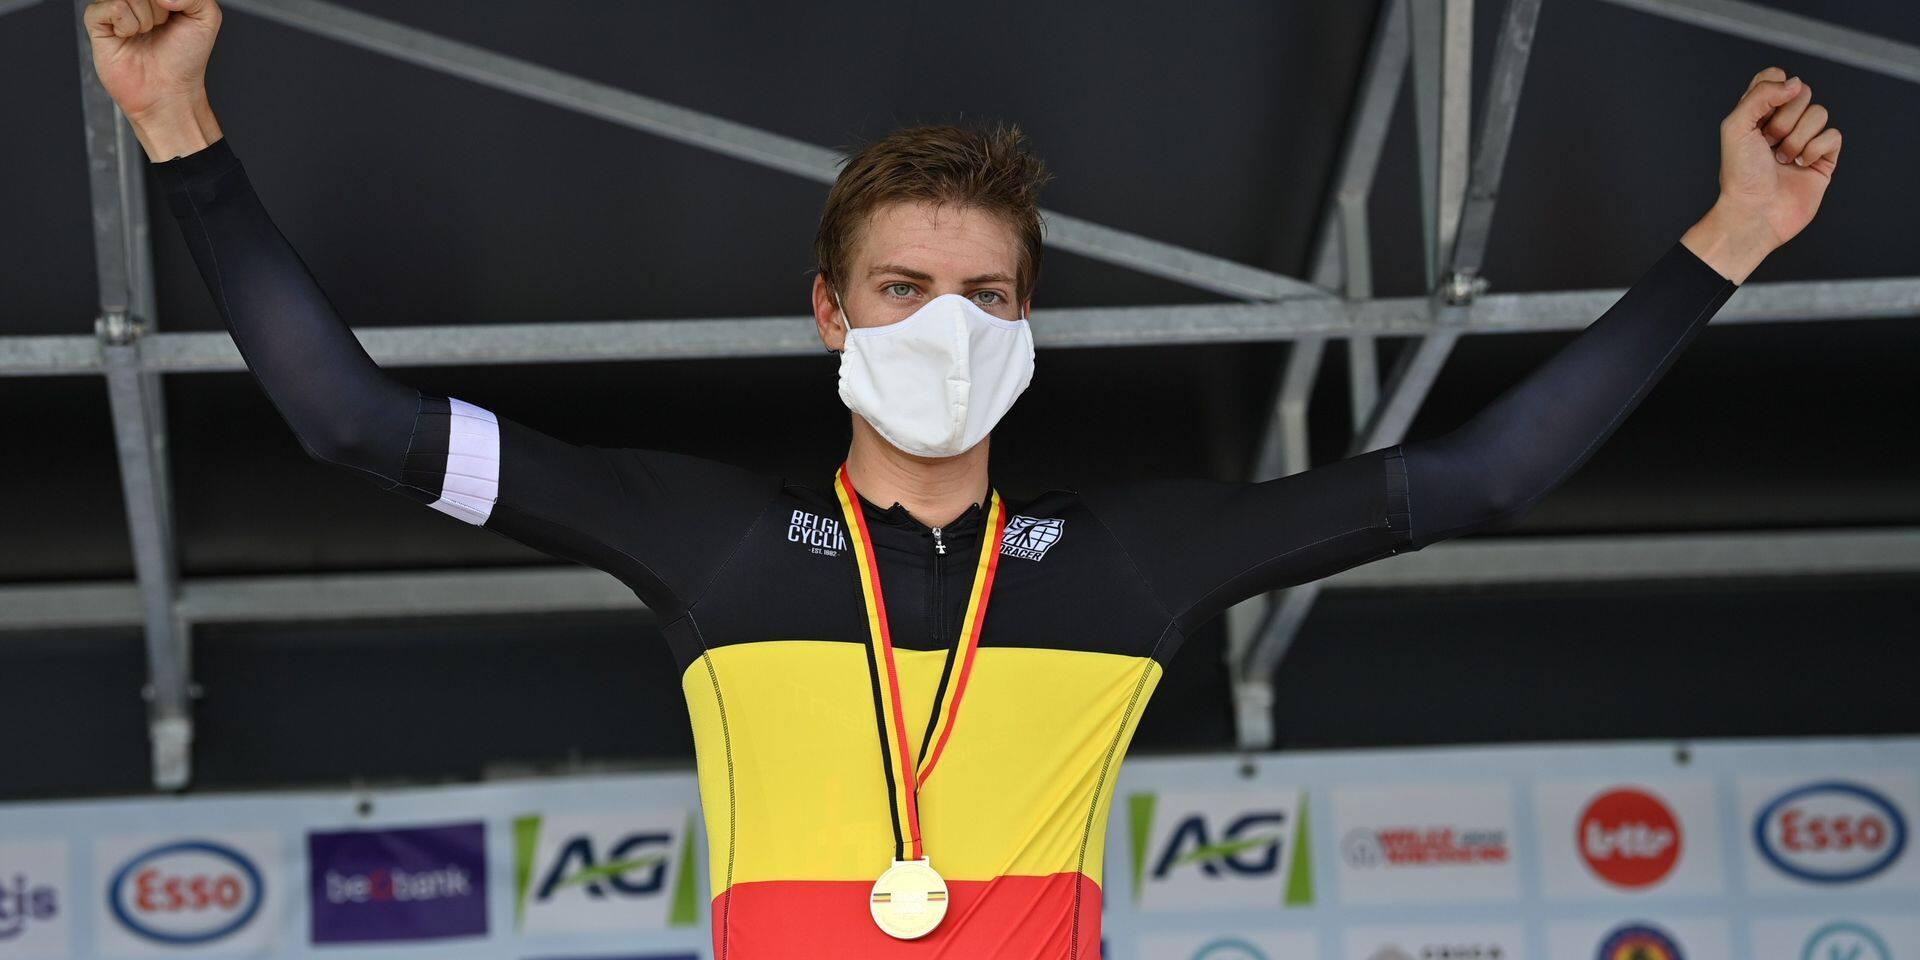 Rutger Wouters sacré champion de Belgique en contre-la montre